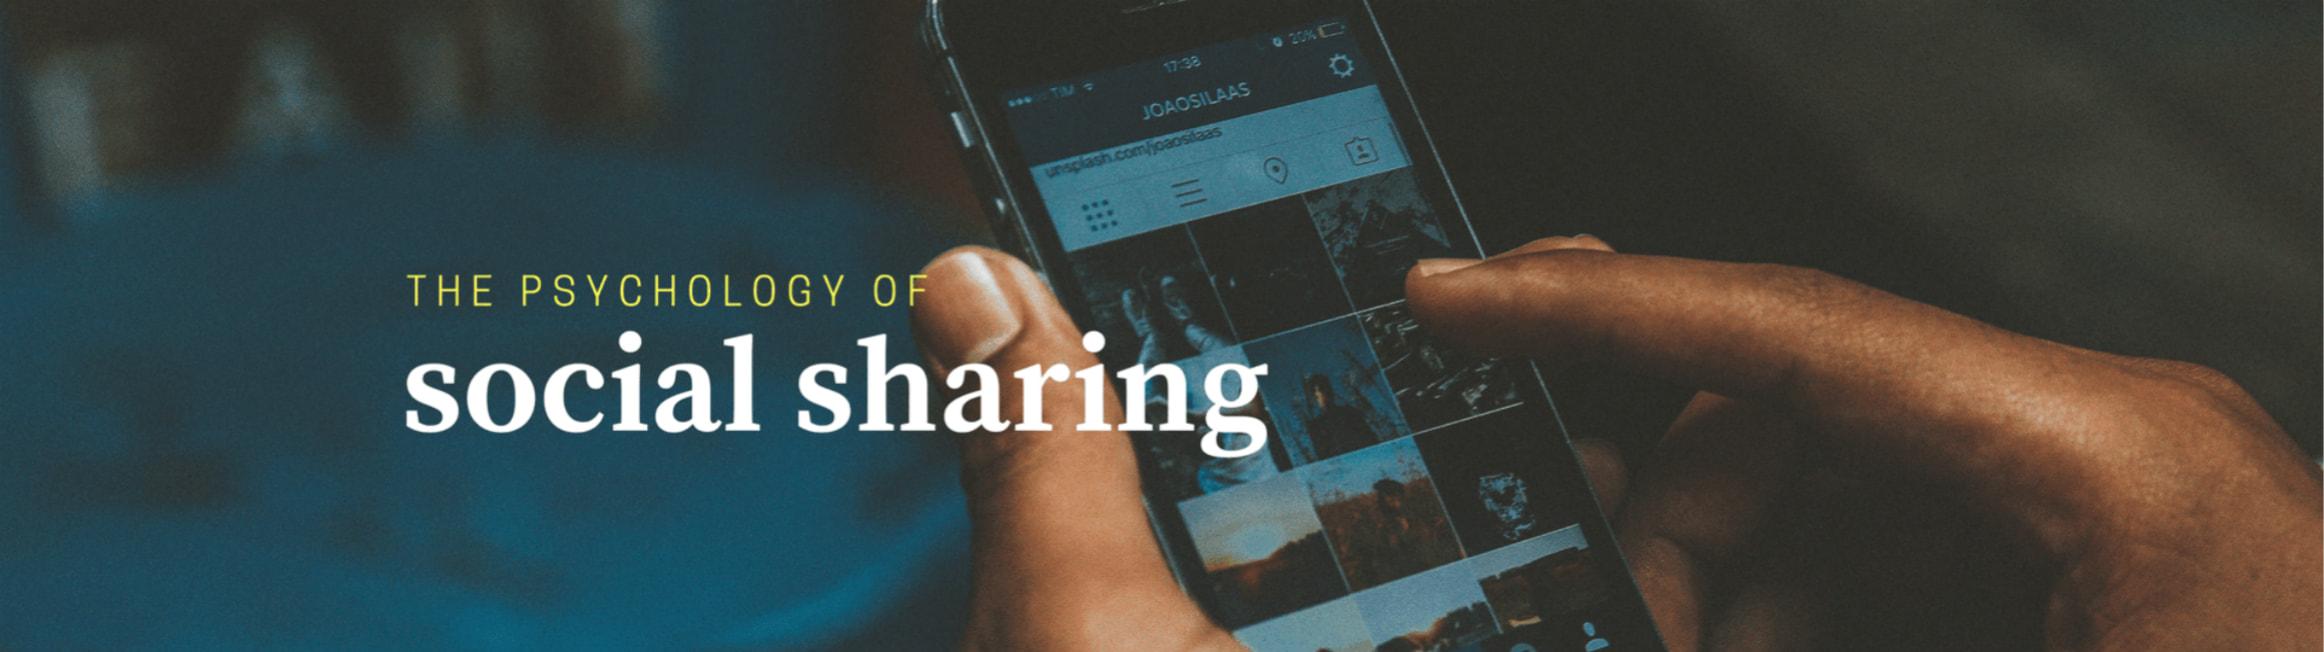 社交分享的心理:如何根据人们想要分享什么来打造你的内容_meitu_17